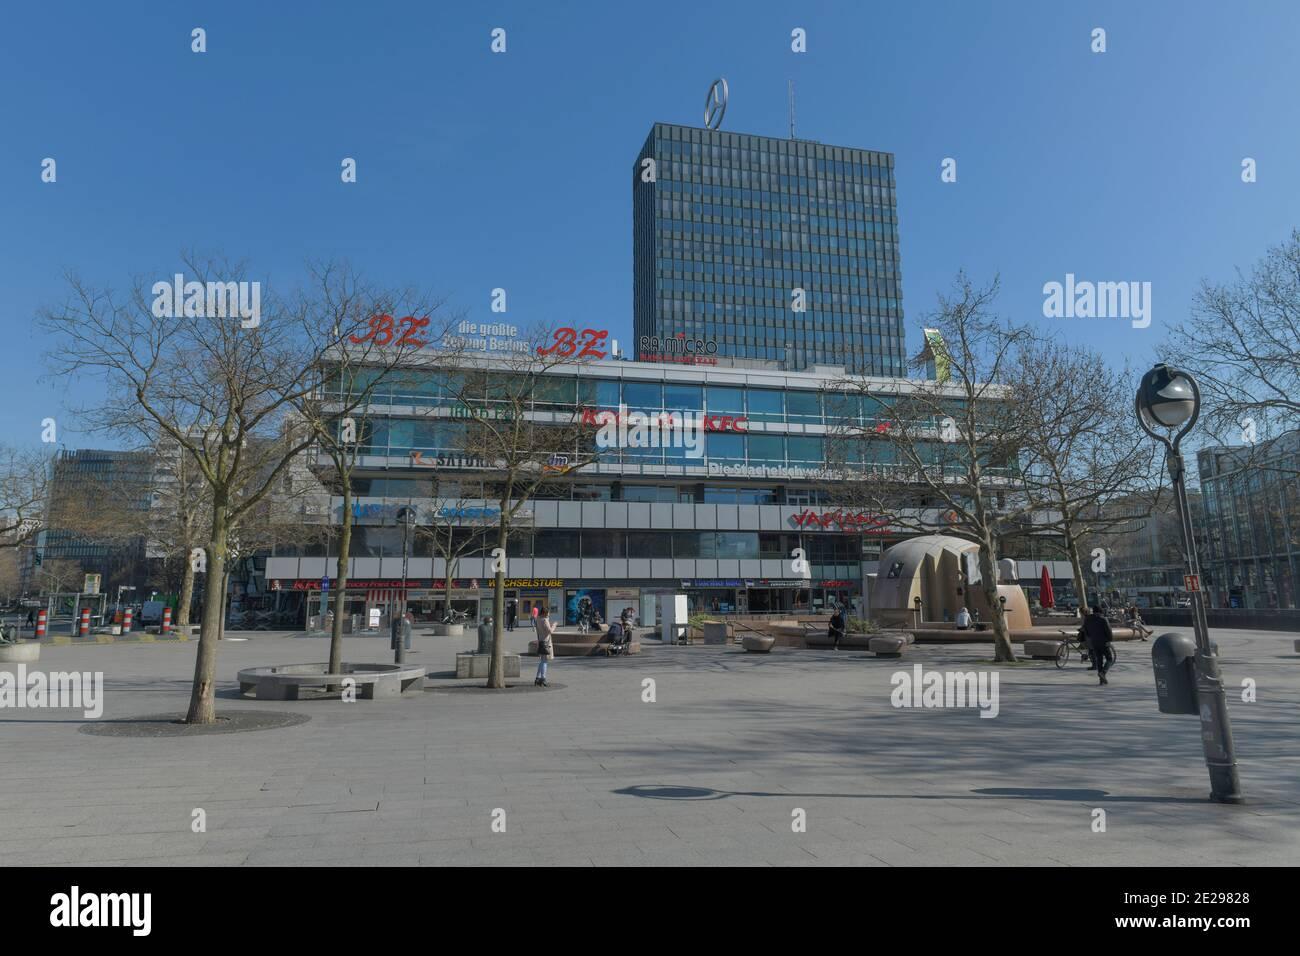 Berlin in Zeiten der Corona-Krise, 25.03.2020. Hier: Der menschenleere Breitscheidplatz, Charlottenburg, Berlin, Deutschland Stock Photo